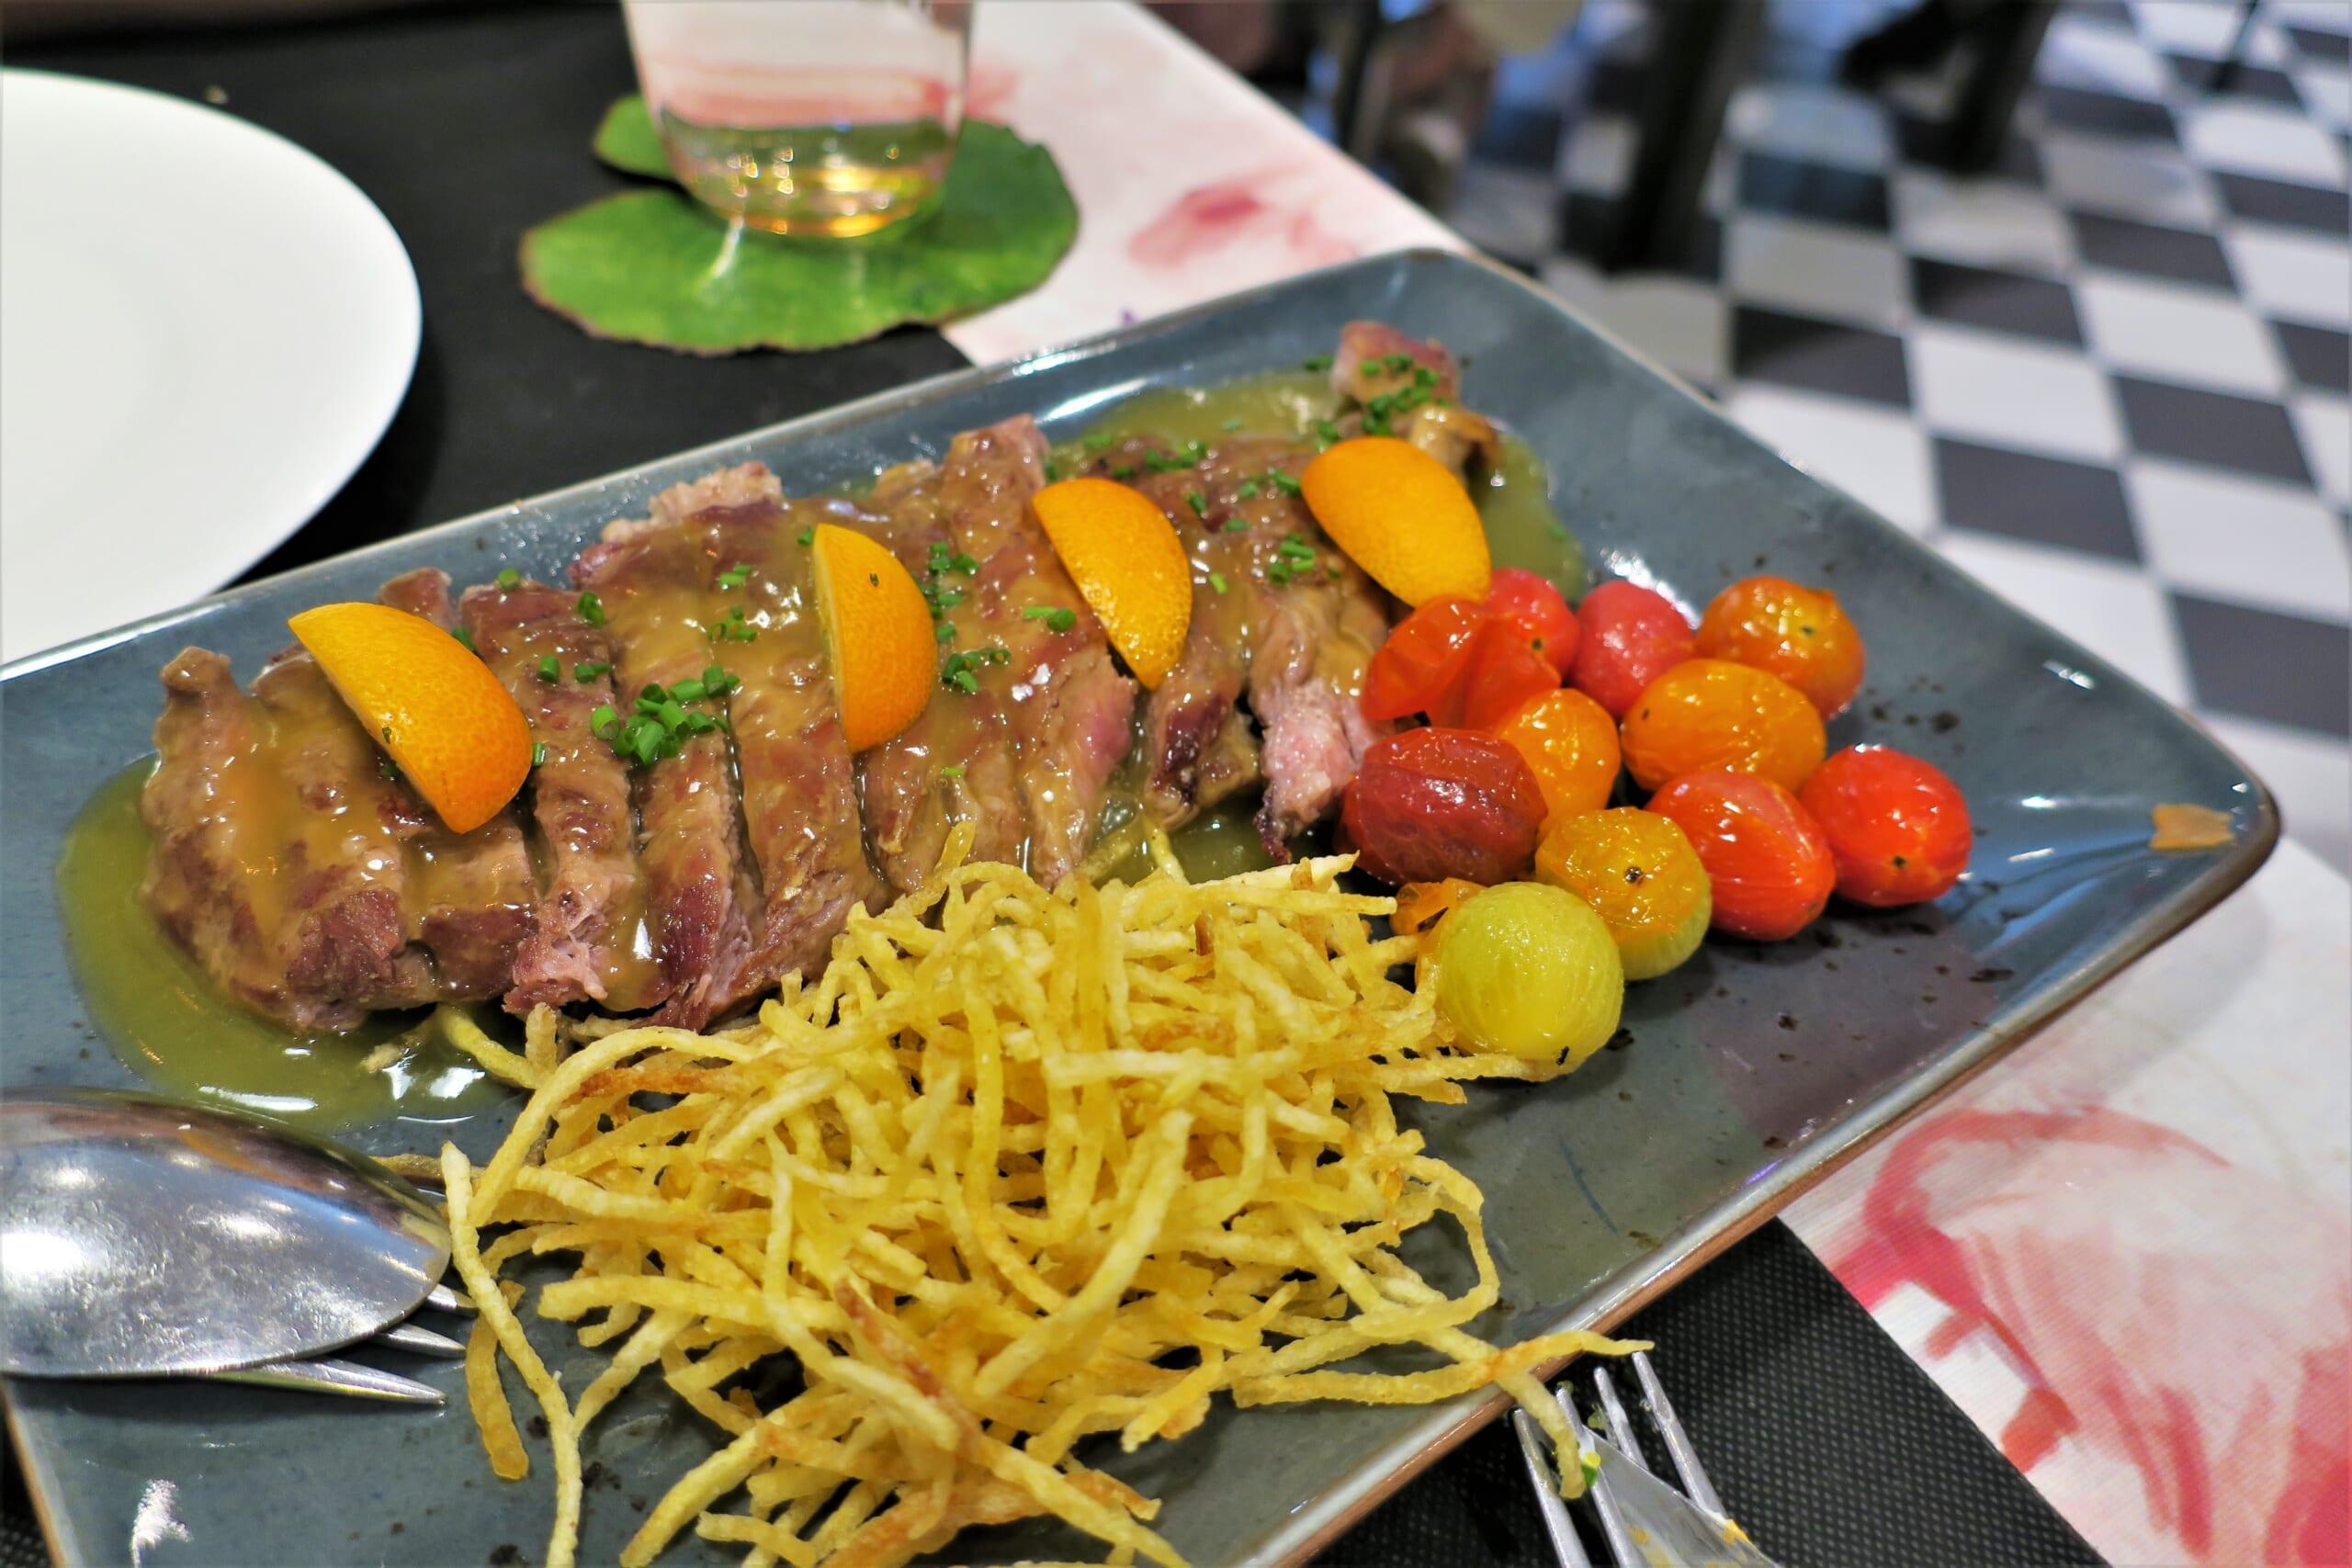 北スペインの観光スポットであるアストゥリアスの牛肉